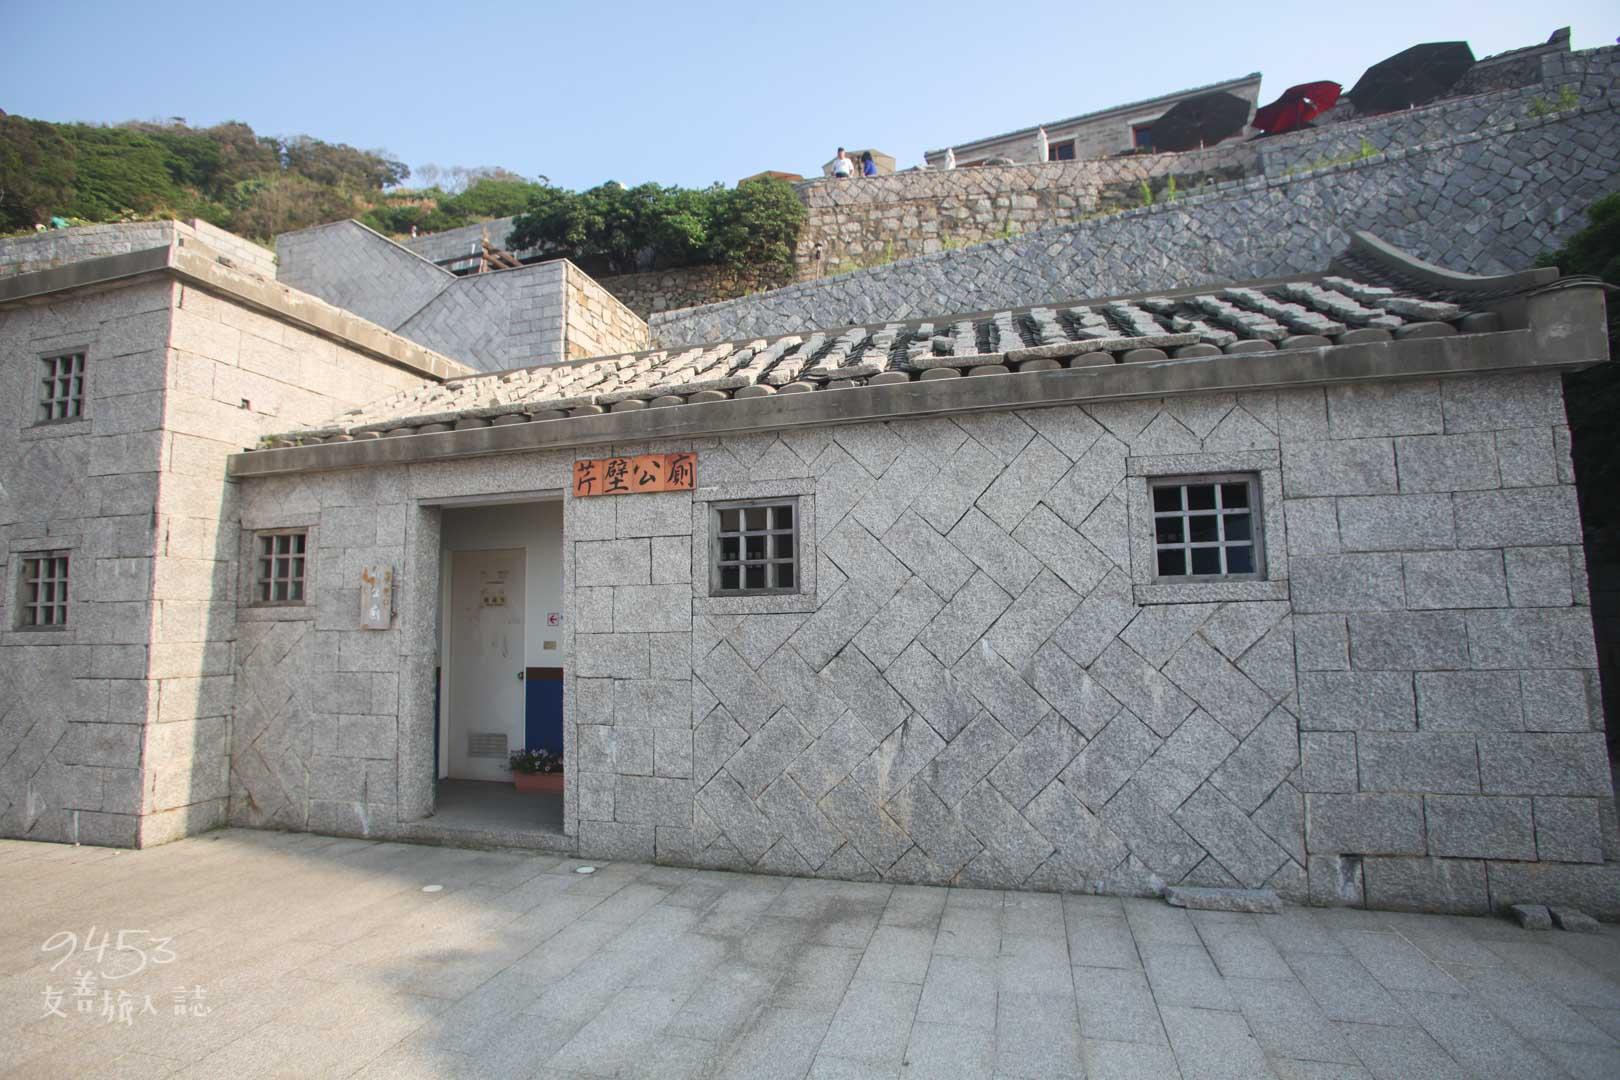 芹壁村石版屋公廁